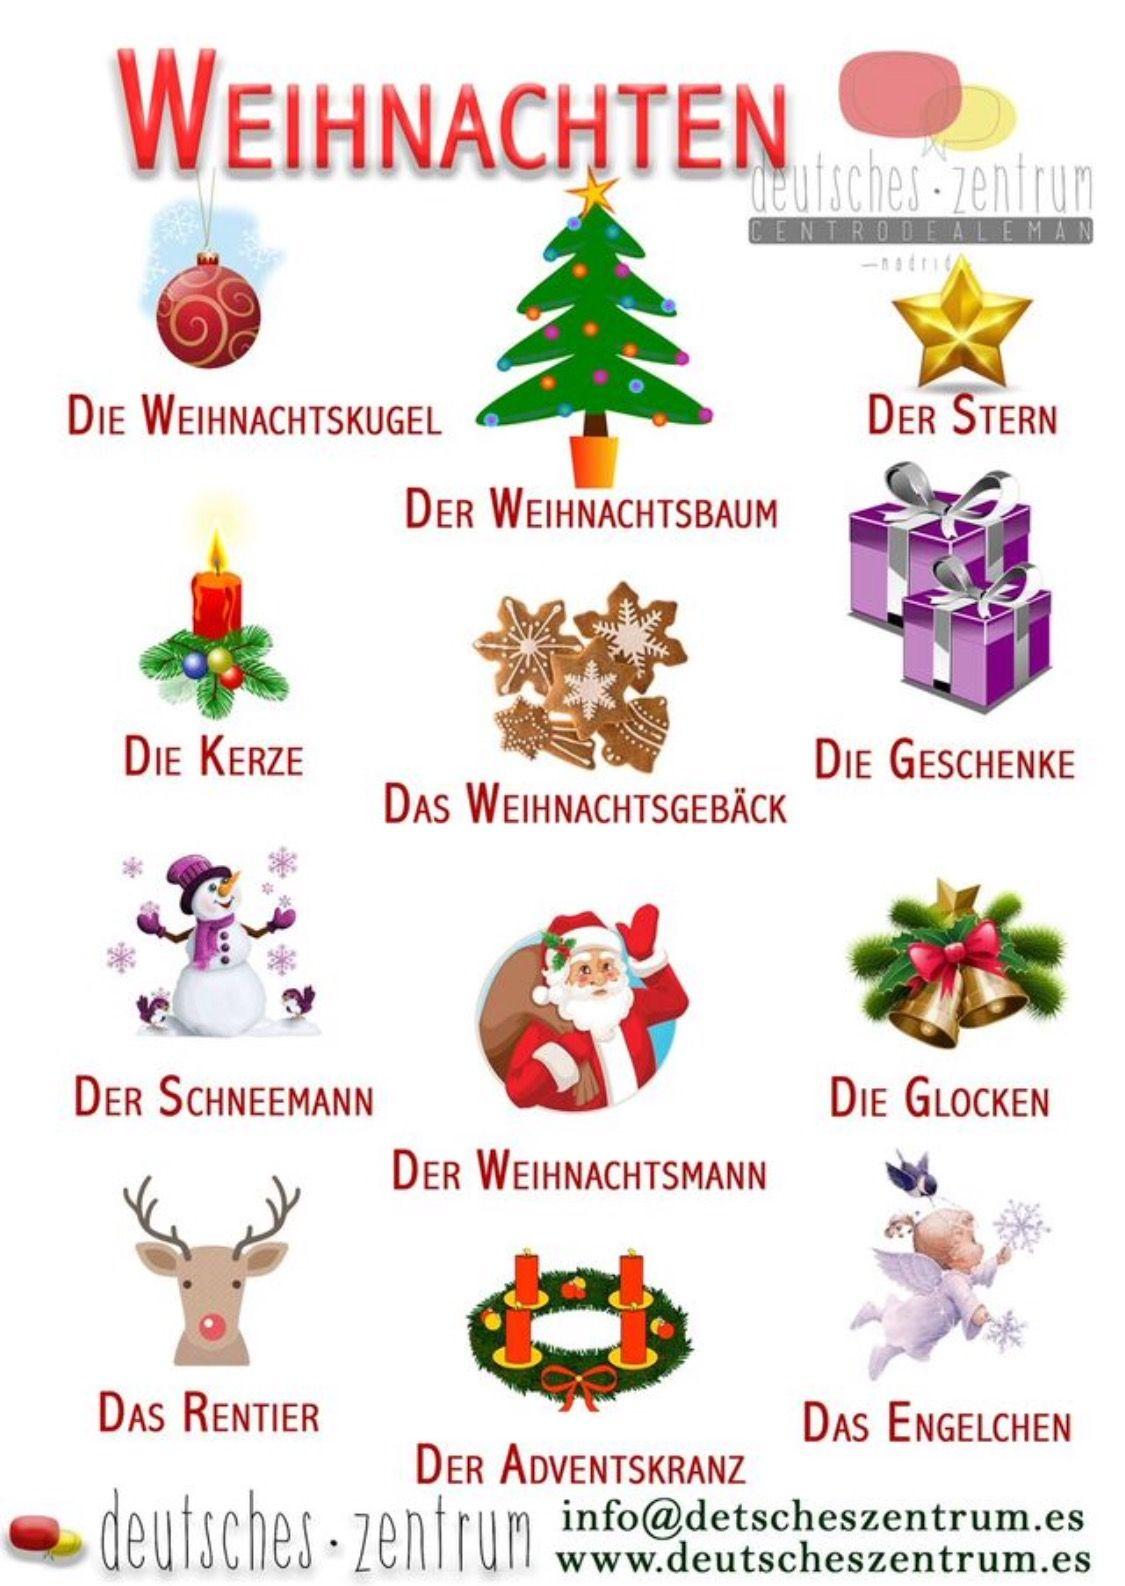 Weihnachten navidad wortschatz vocabulario grammatik alem n deutsch aleman - Weihnachten daf ...